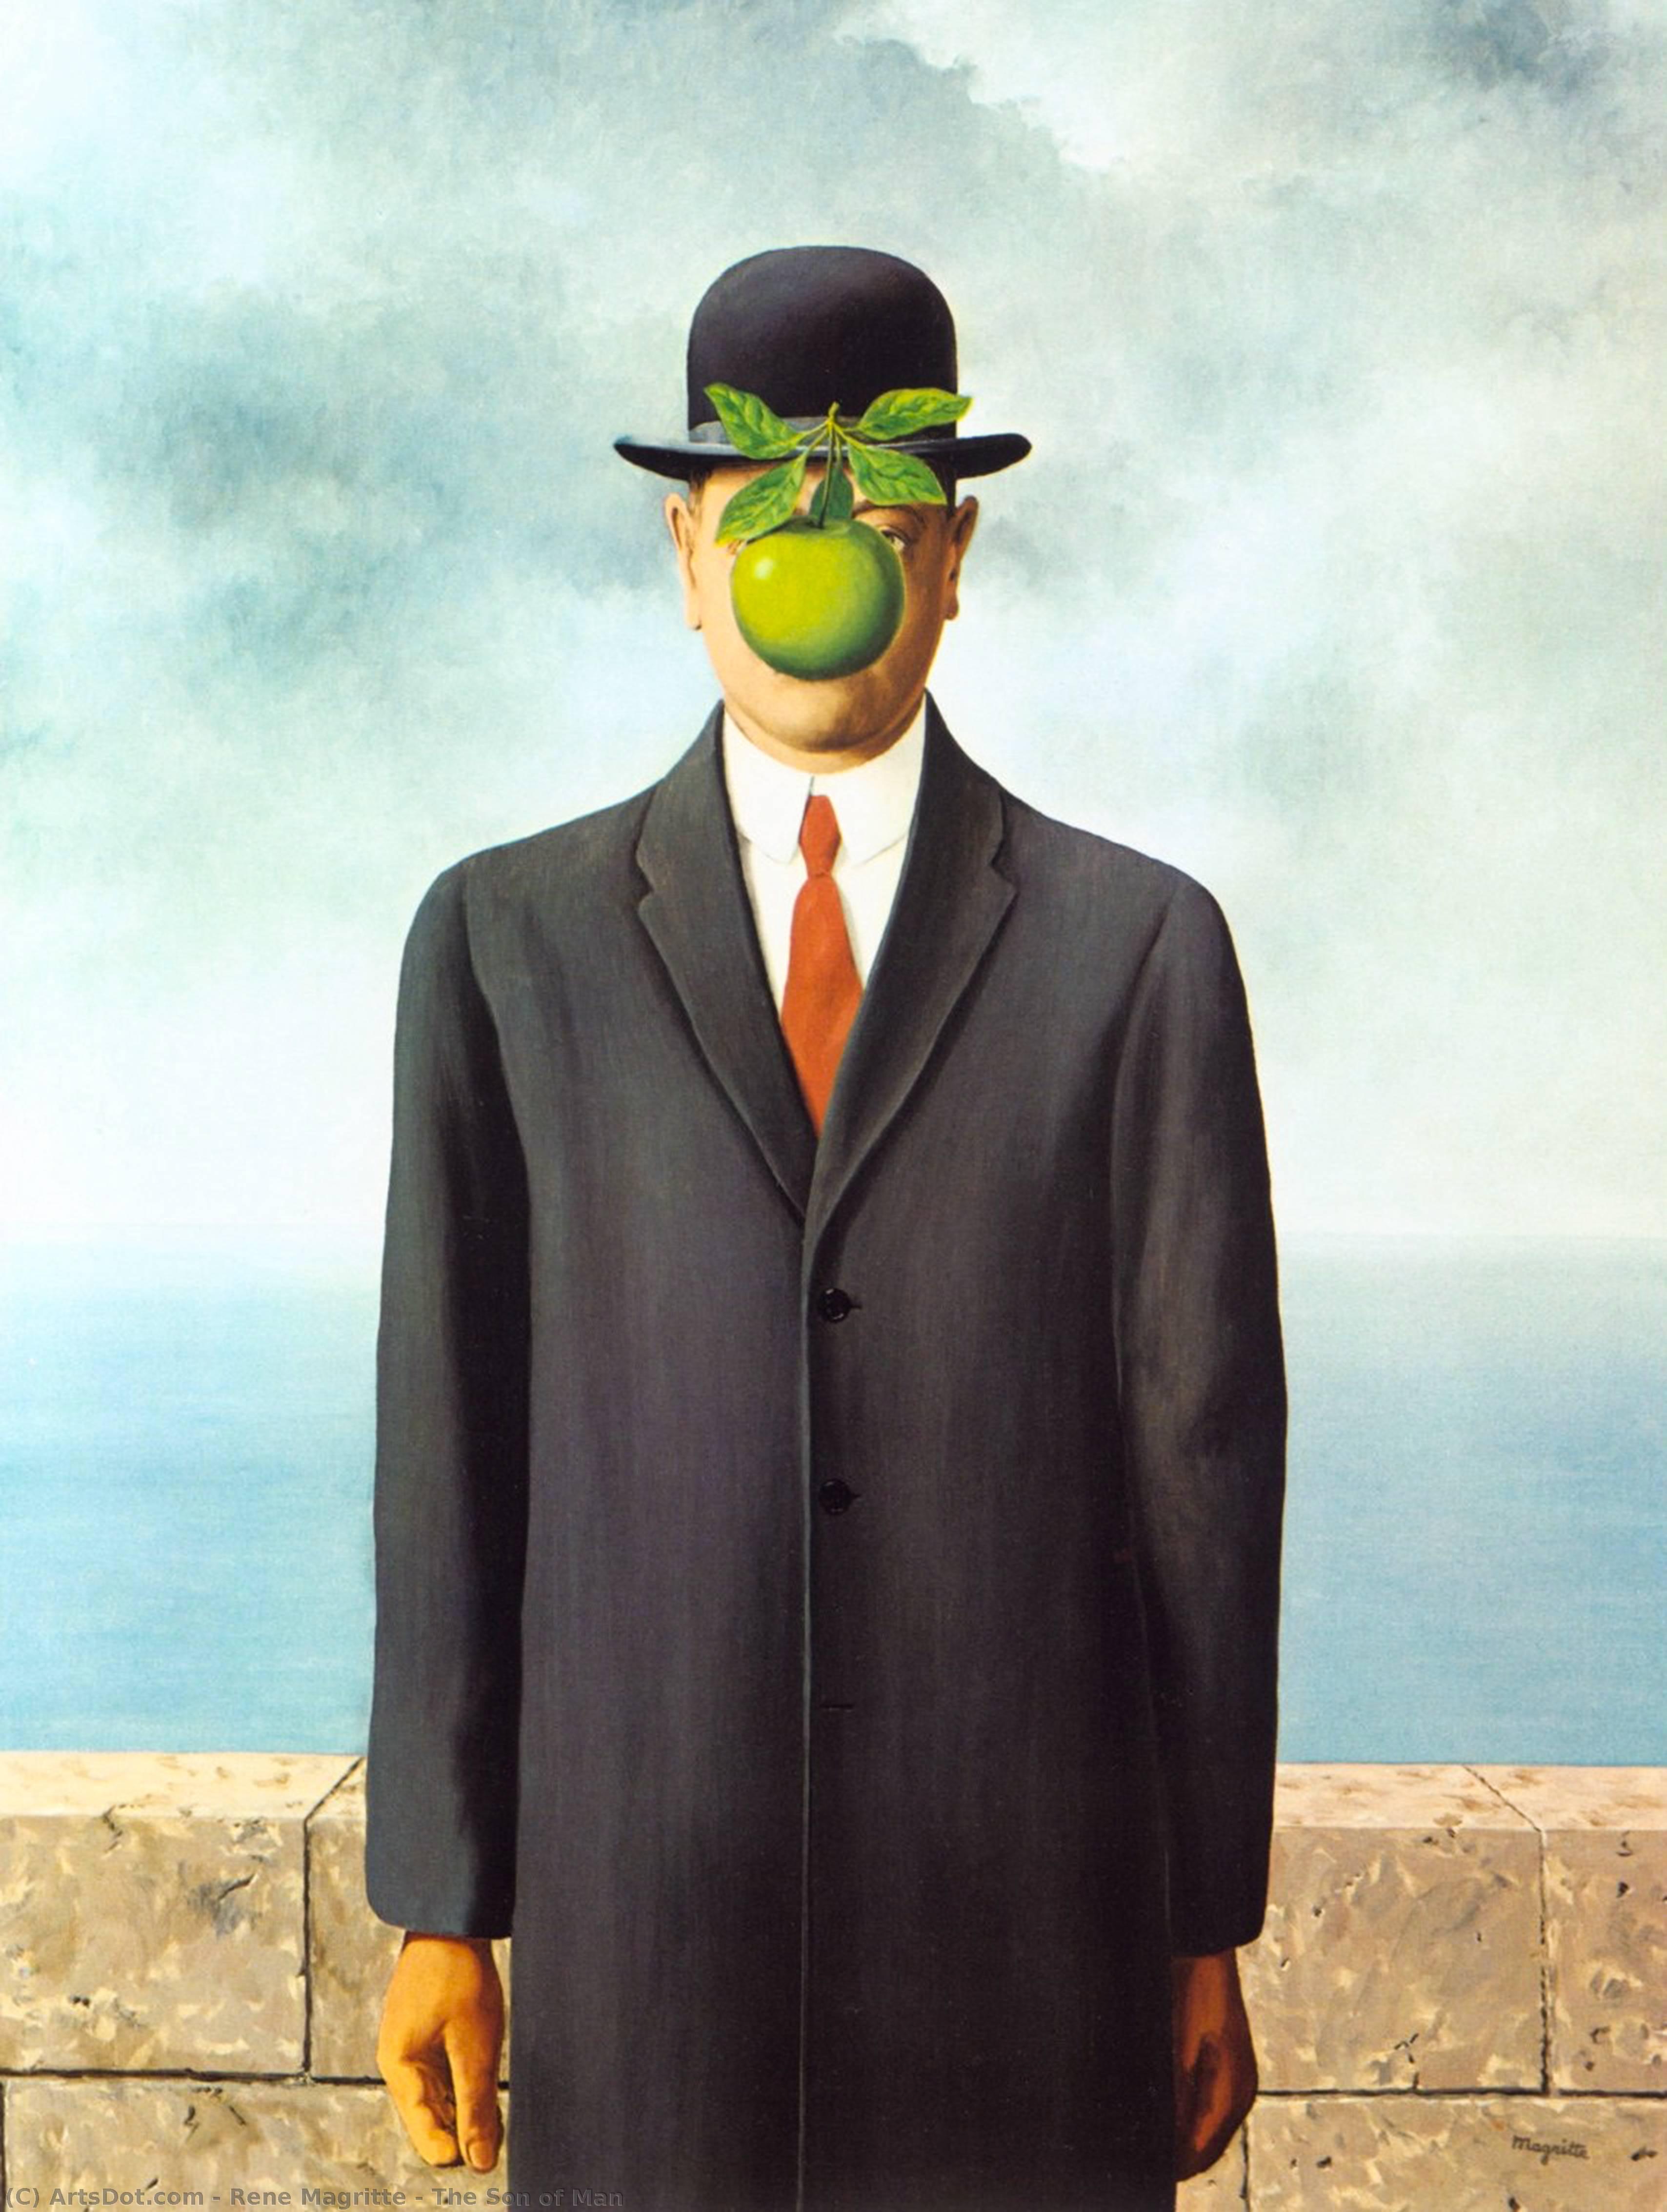 WikiOO.org - Enciklopedija dailės - Tapyba, meno kuriniai Rene Magritte - The Son of Man